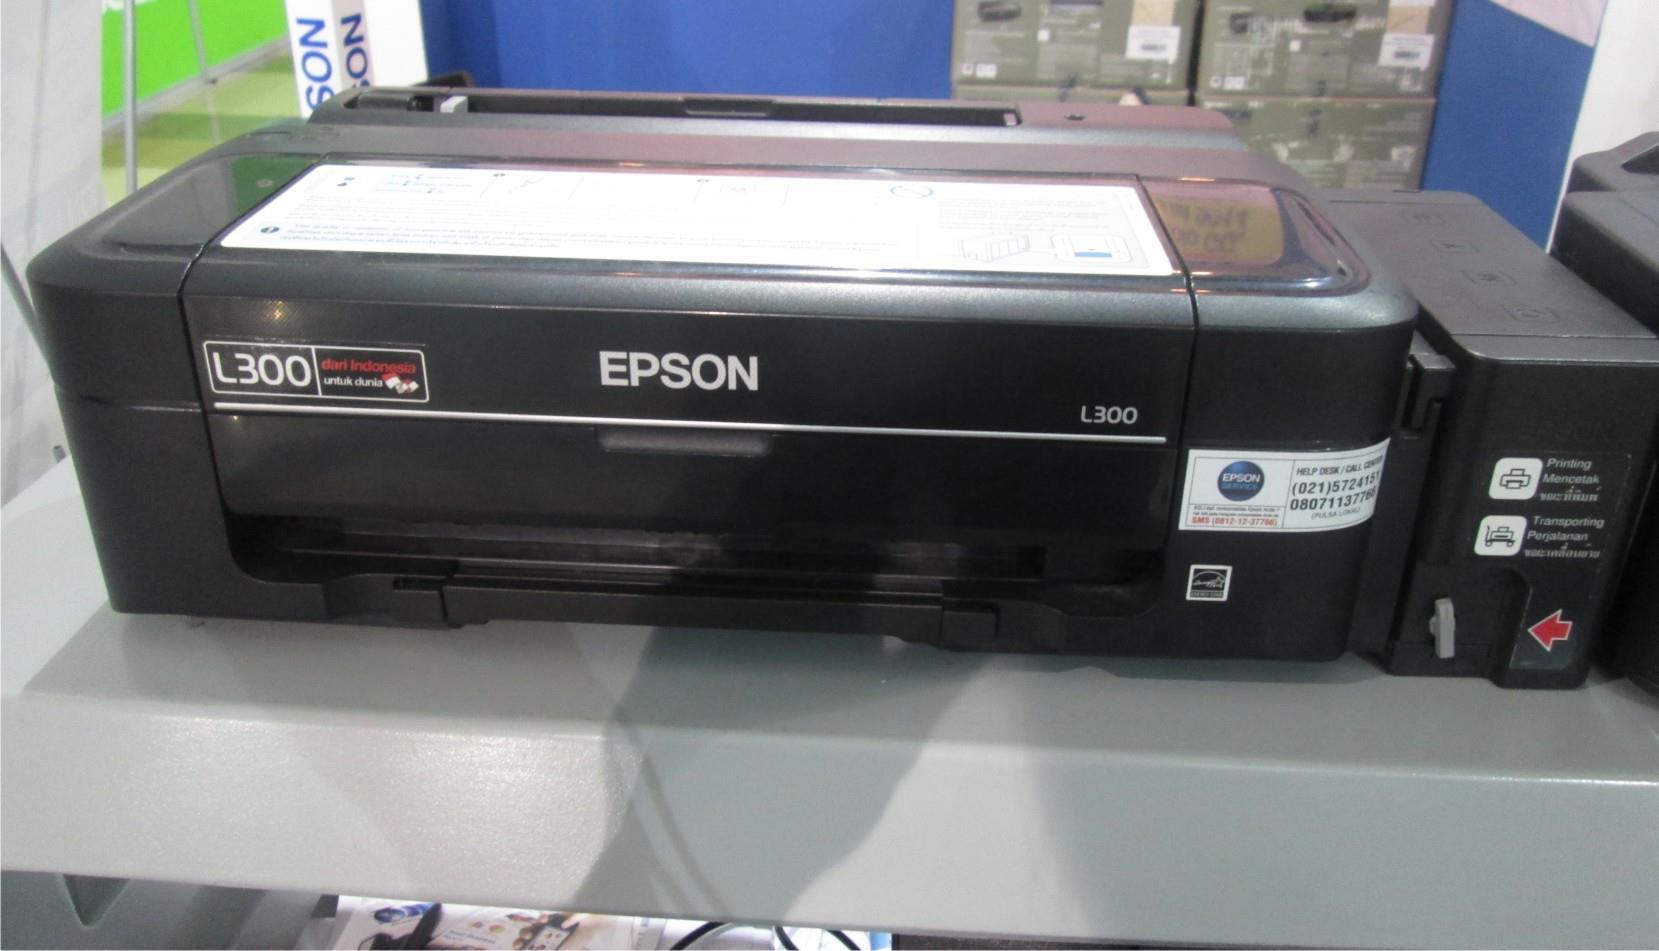 Jual Printer Epson L300 Harga Murah Surabaya Oleh